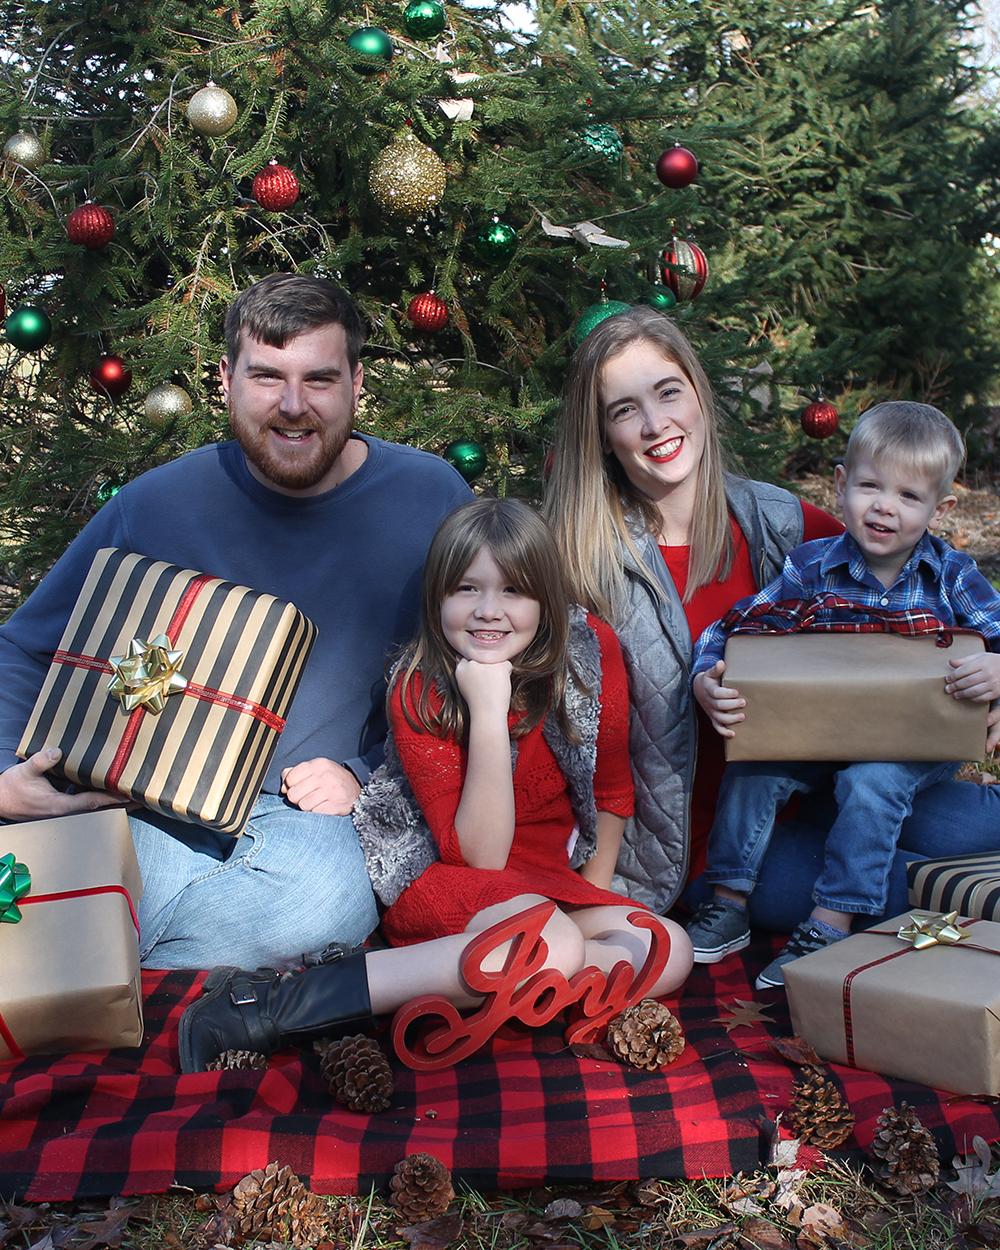 Holiday Family Photo